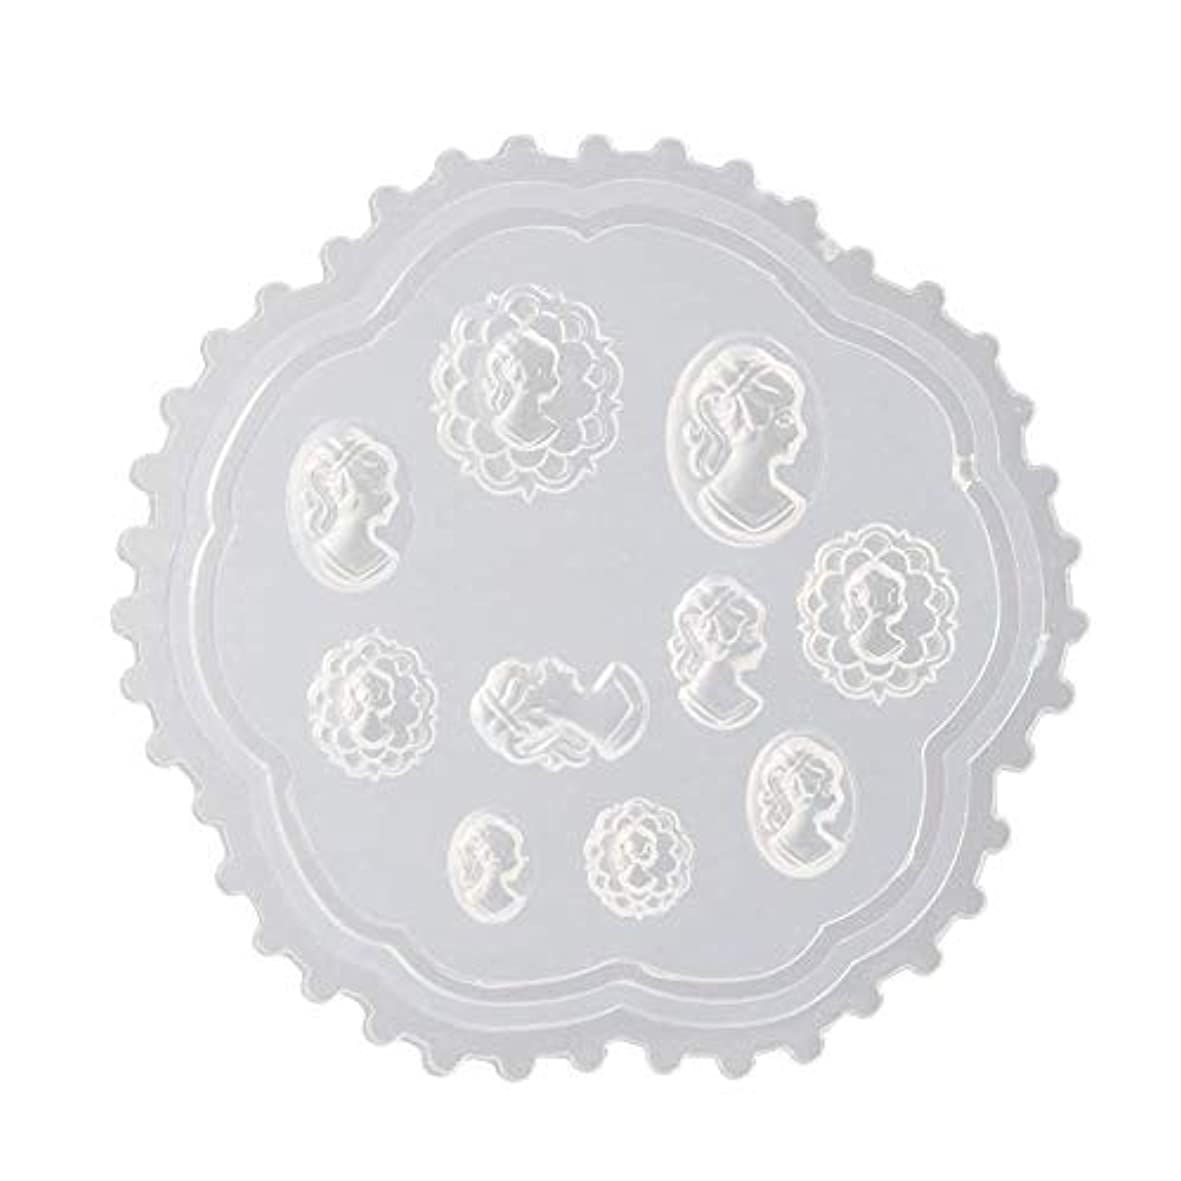 アナリスト衛星慣習Aomgsd 3Dシリコンモールド ネイル 3Dネイル用 レジンモールド UVレジン ネイルパーツ ジェル ネイル セット アクセサリー パーツ 作成 葉 花 抜き型 (2)